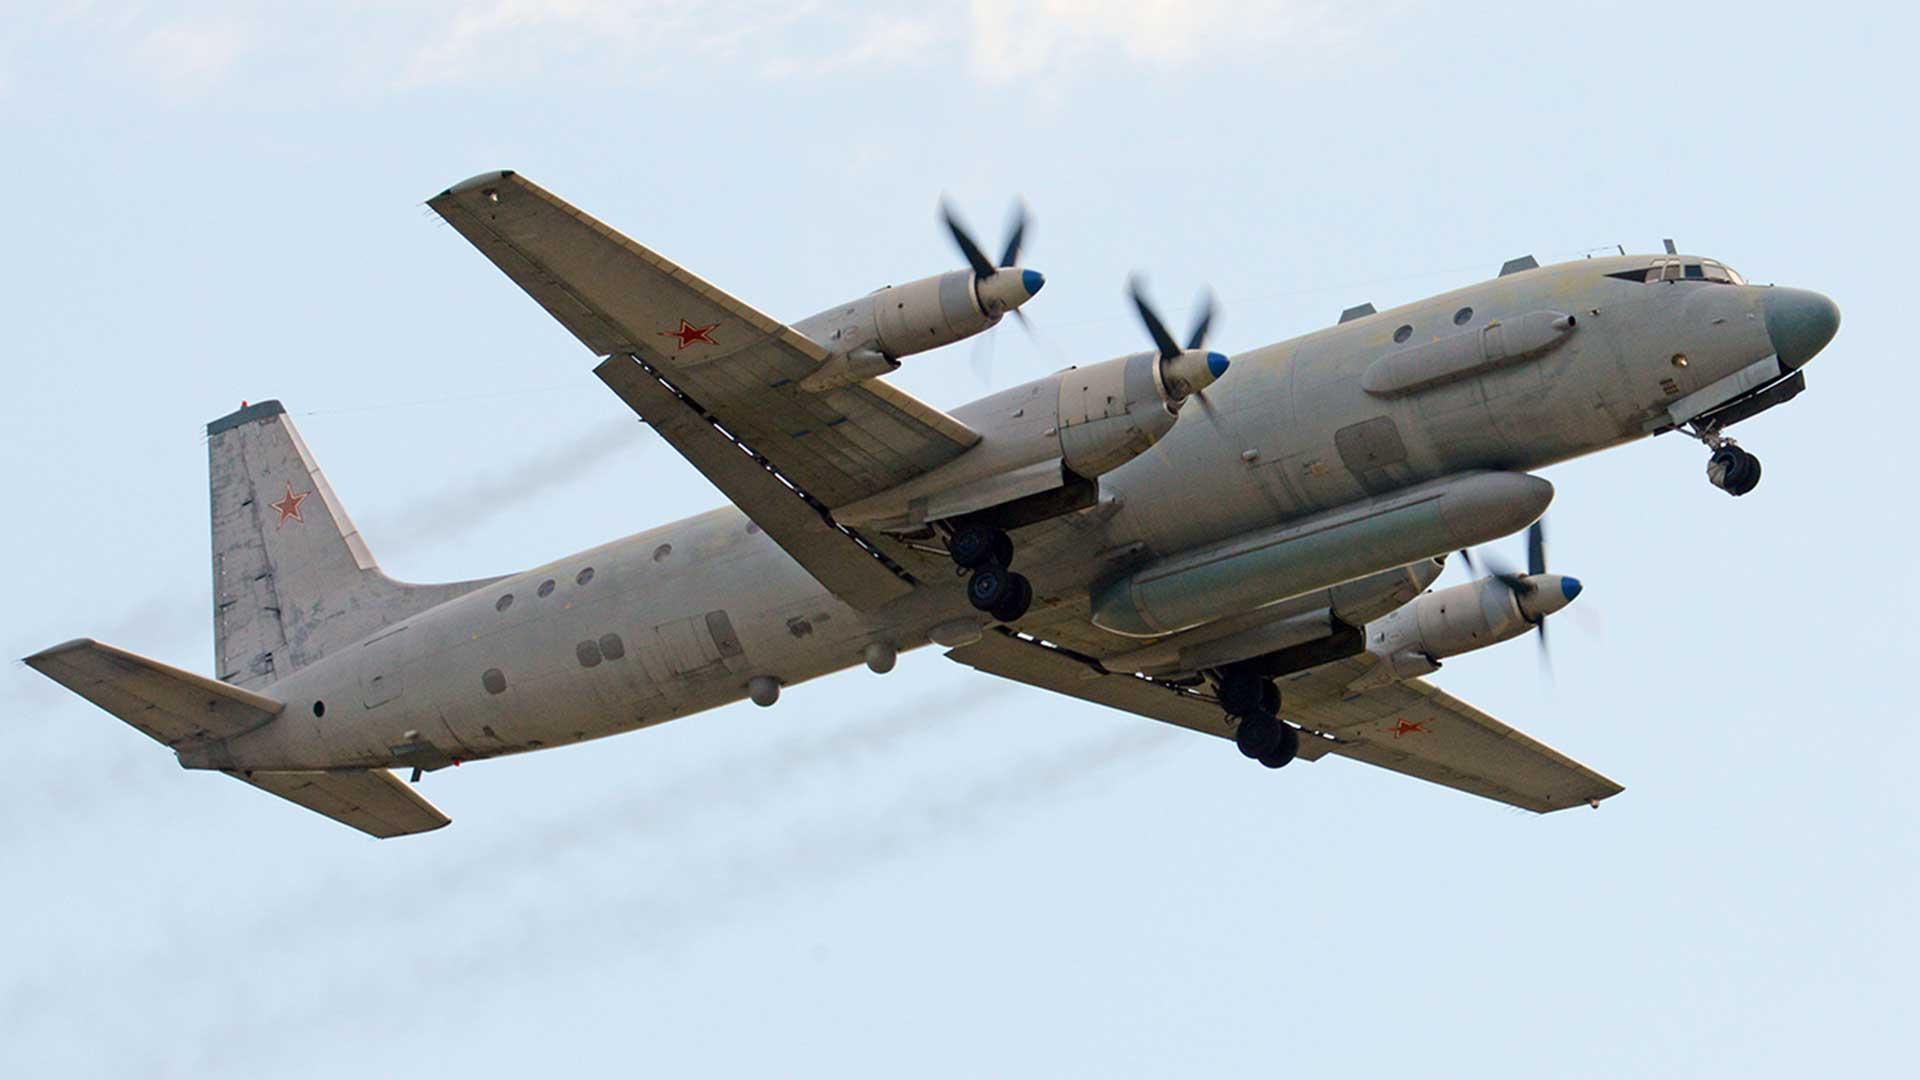 Un avión ruso Ilyushin Il-20, como el derribado por error por las defensas sirias